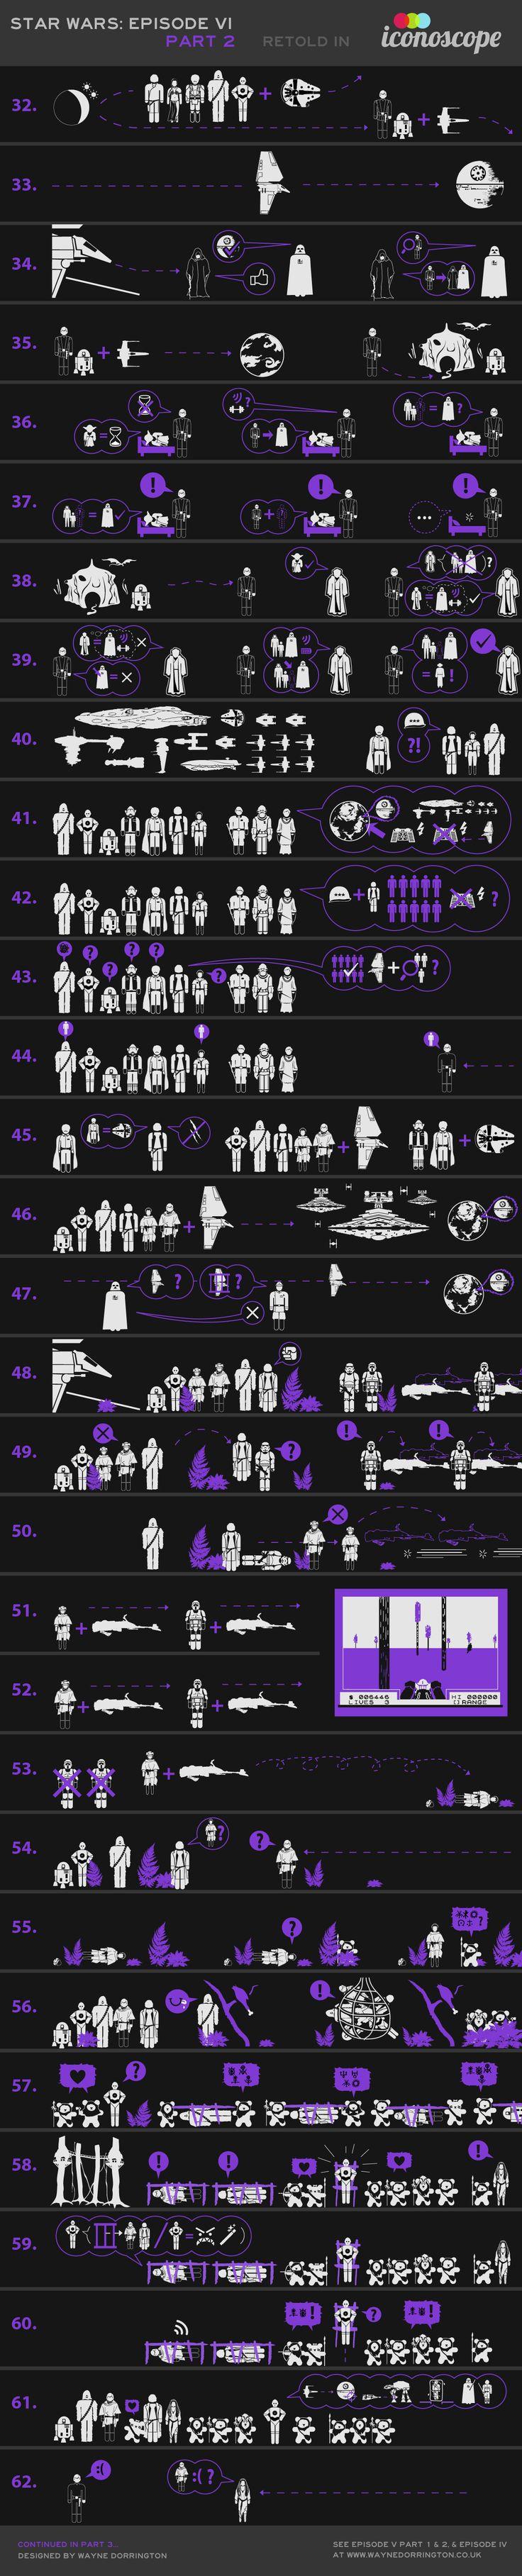 La Guerra de las Galaxias: Episodio VI [Parte 2] en Iconoscope | Star Wars: Episode VI [Part 2] Retold in Iconoscope